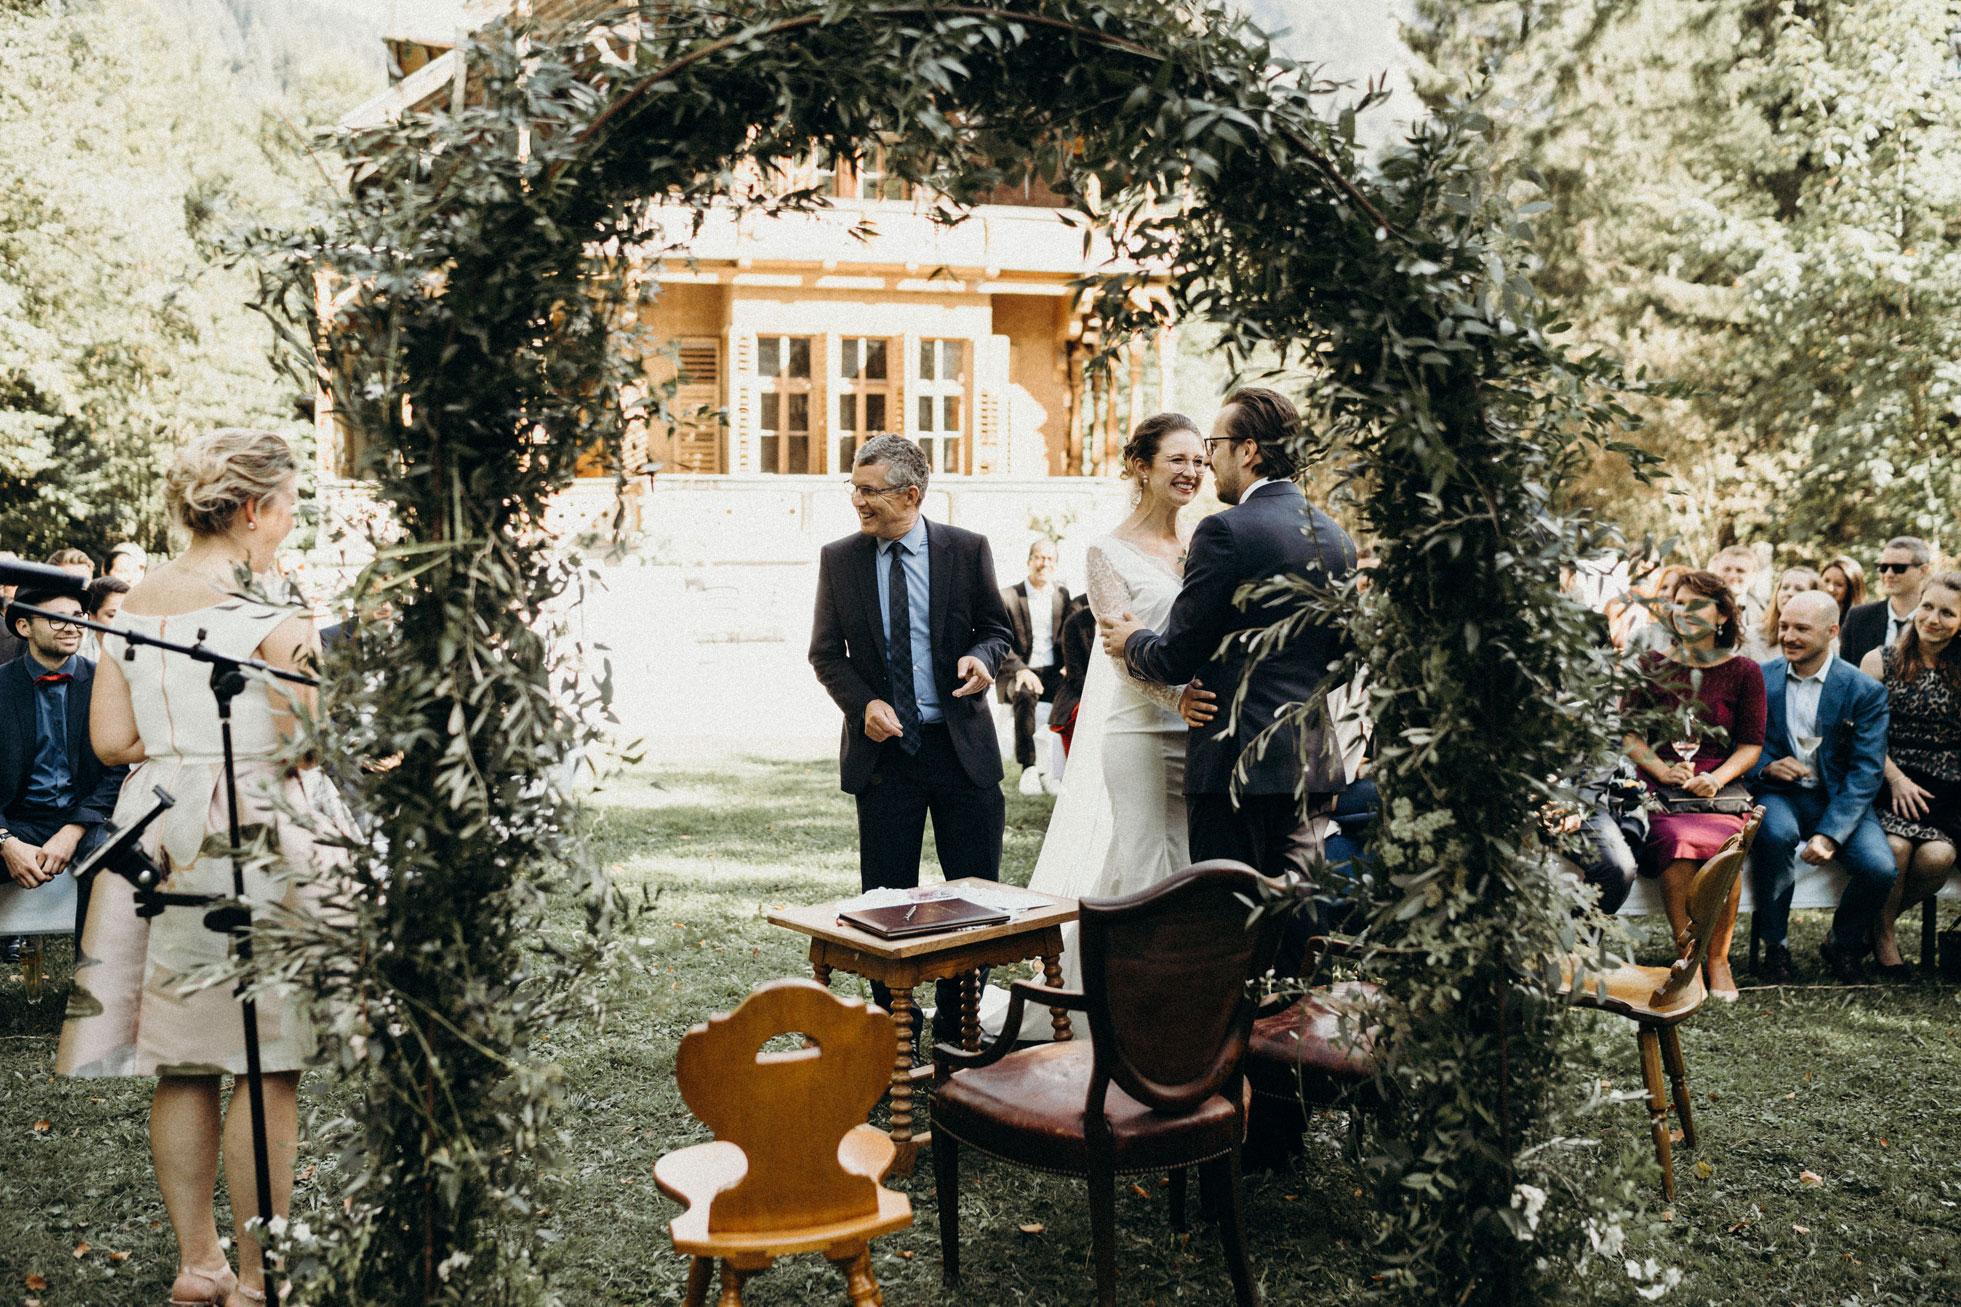 Hochzeit_Claire_Manuel_Villa_Maund_Daniel_Jenny-112.jpg